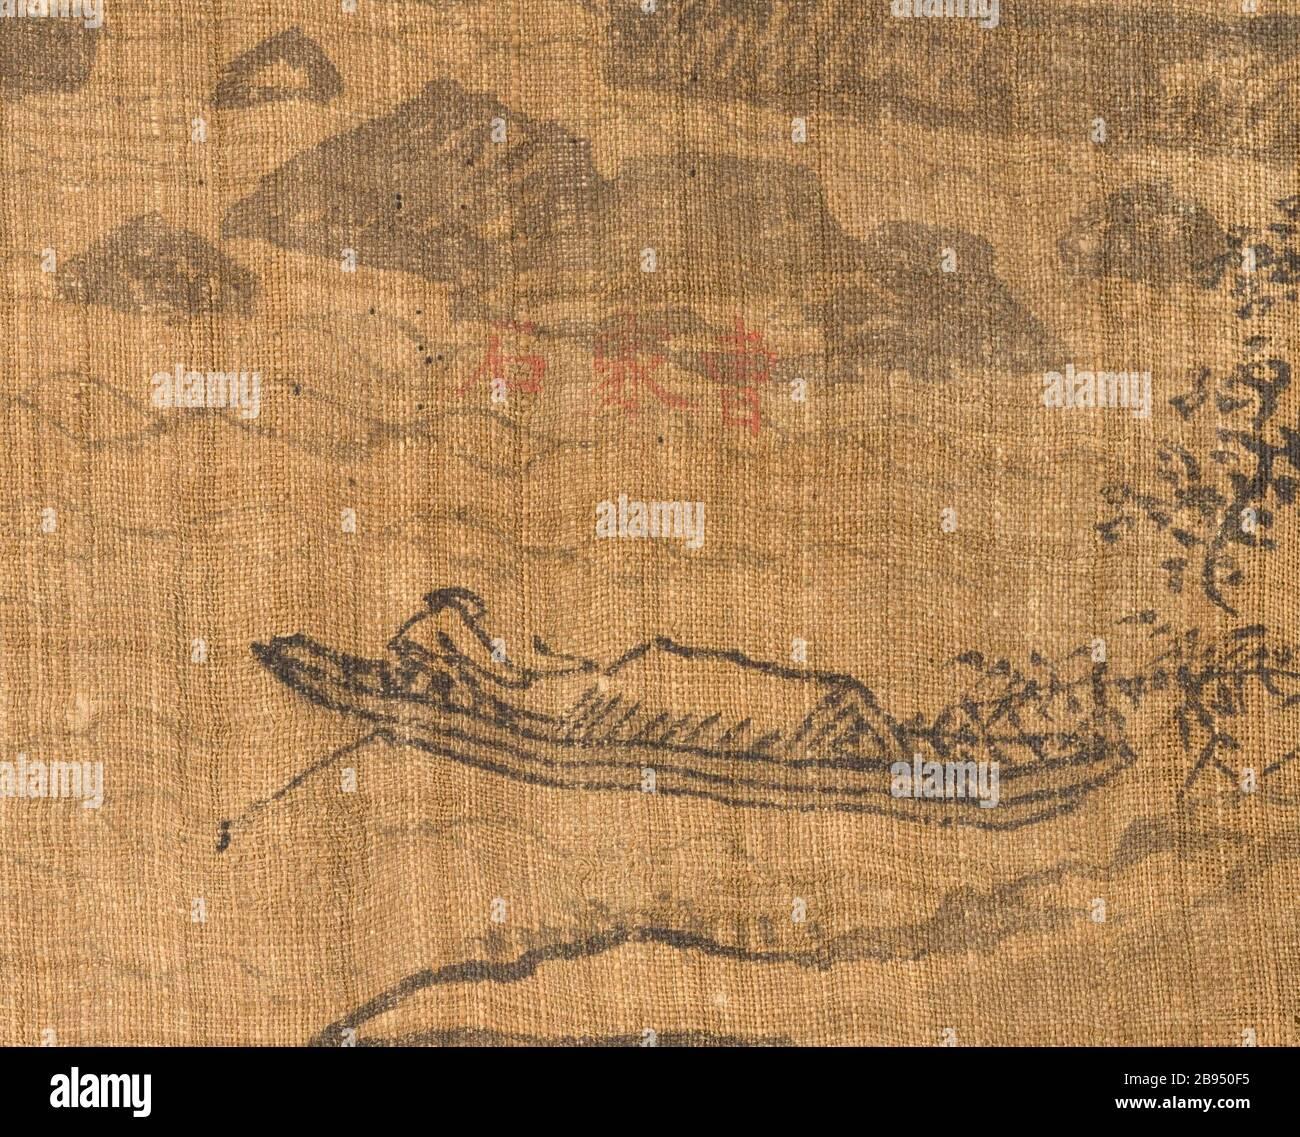 """""""Das Sechste der neun Biegungen am Mount Wuyi, China (Bild 2 von 5); Englisch: Korea, Koreanisch, Joseon Dynastie (1392-1910), aus dem 17. Jahrhundert Gemälde Hängerolle, Tusche auf Ramie oder Hanf Bild: 20 3/4 x 23 1/8 in. (52,71 x 58,74 cm); Montage: 48 3/4 x 25 in. (123.83 x 63,5 cm); Rolle: 27 1/4 in. (69.22 cm) mit Museum Mittel (M. 2000.15.20) koreanischer Kunst gekauft; 17. Jahrhundert Datum QS: P 571, +1650-00-00 T00:00:00Z/7;"""". Stockfoto"""